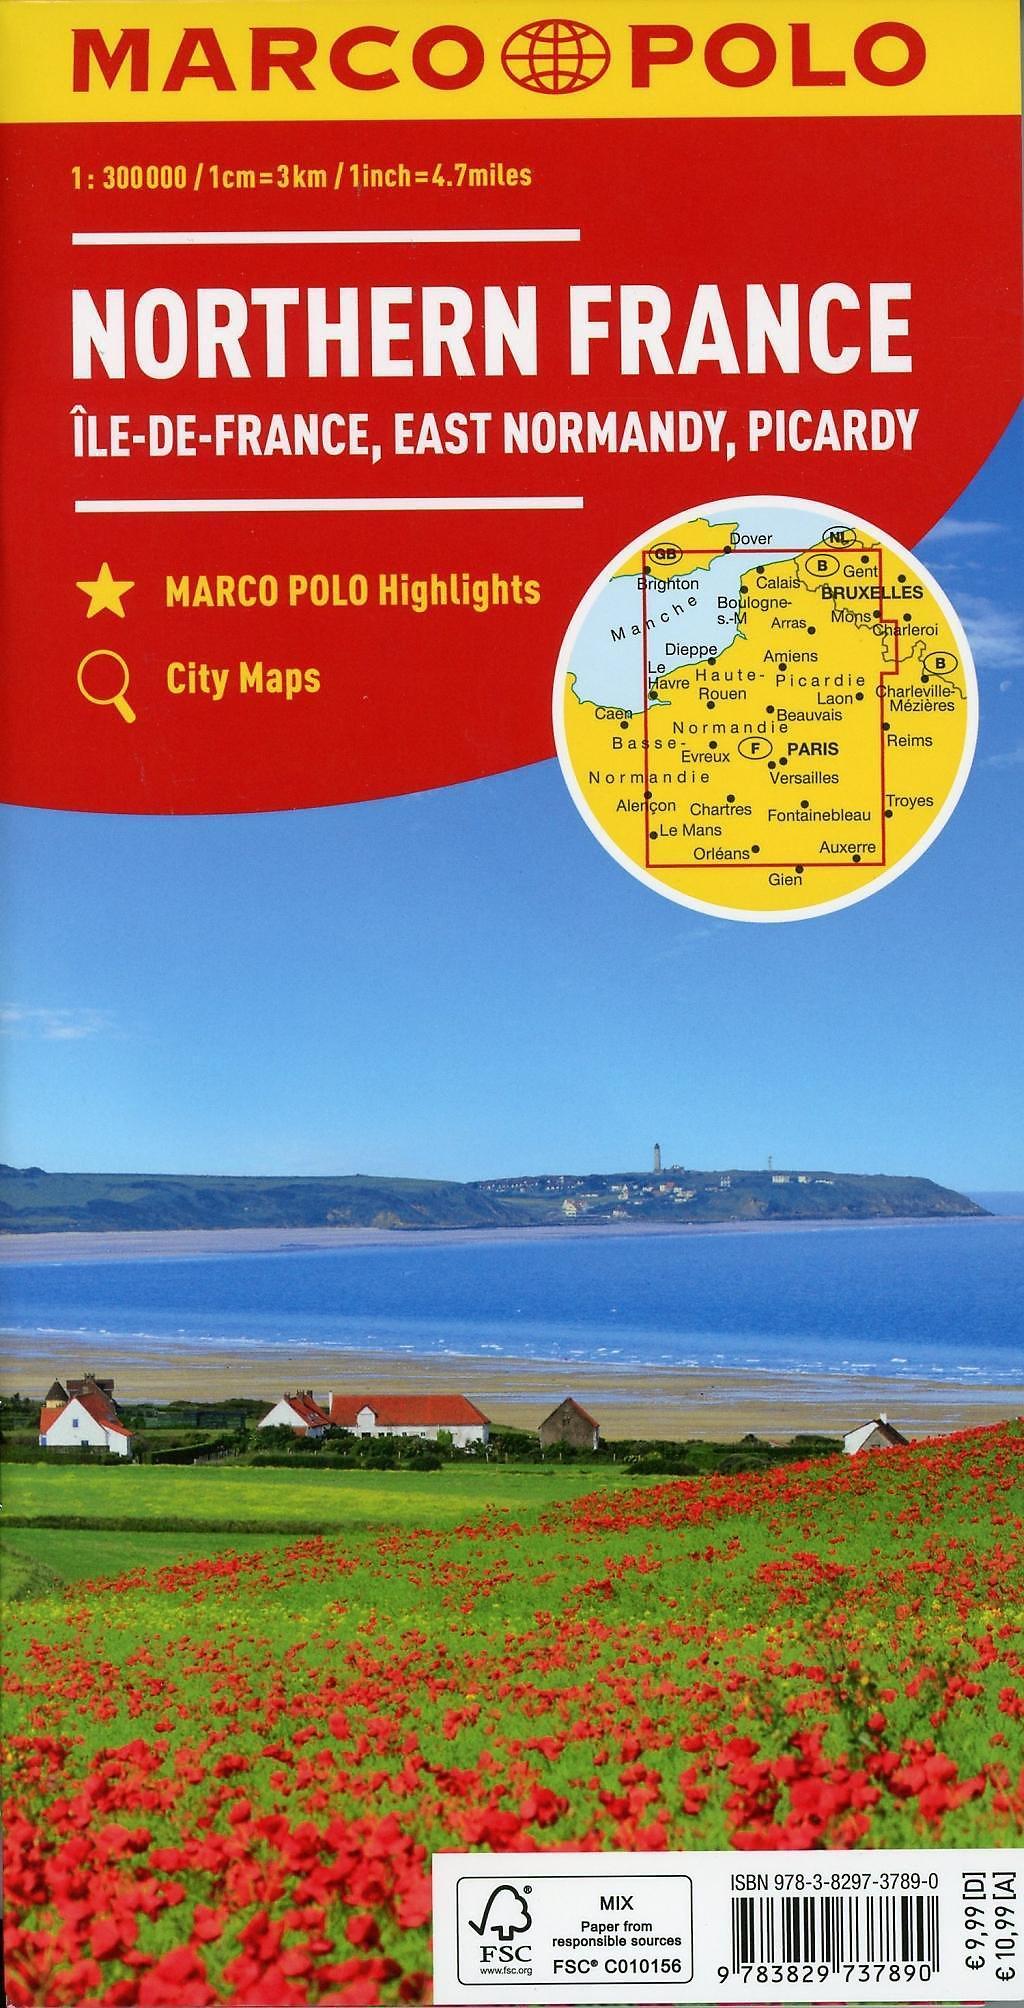 Nordfrankreich Karte.Marco Polo Karte Frankreich Nordfrankreich 1 300 000 Northern France